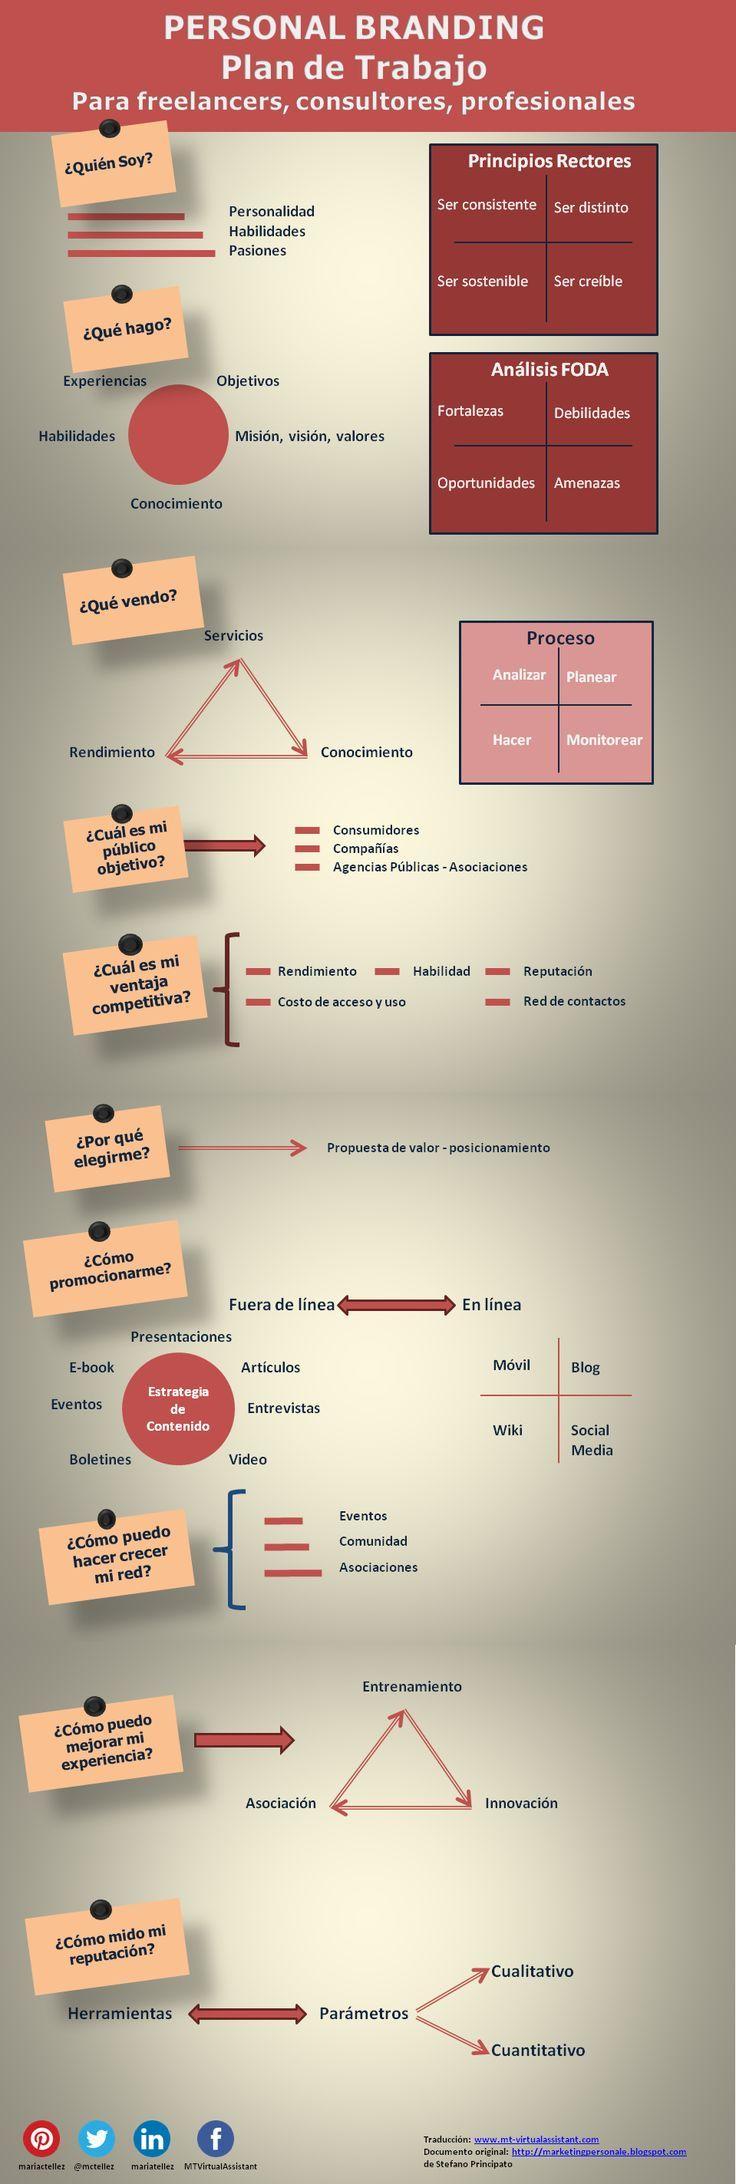 Plan de trabajo de tu marca personal (vía @conchisirvent)